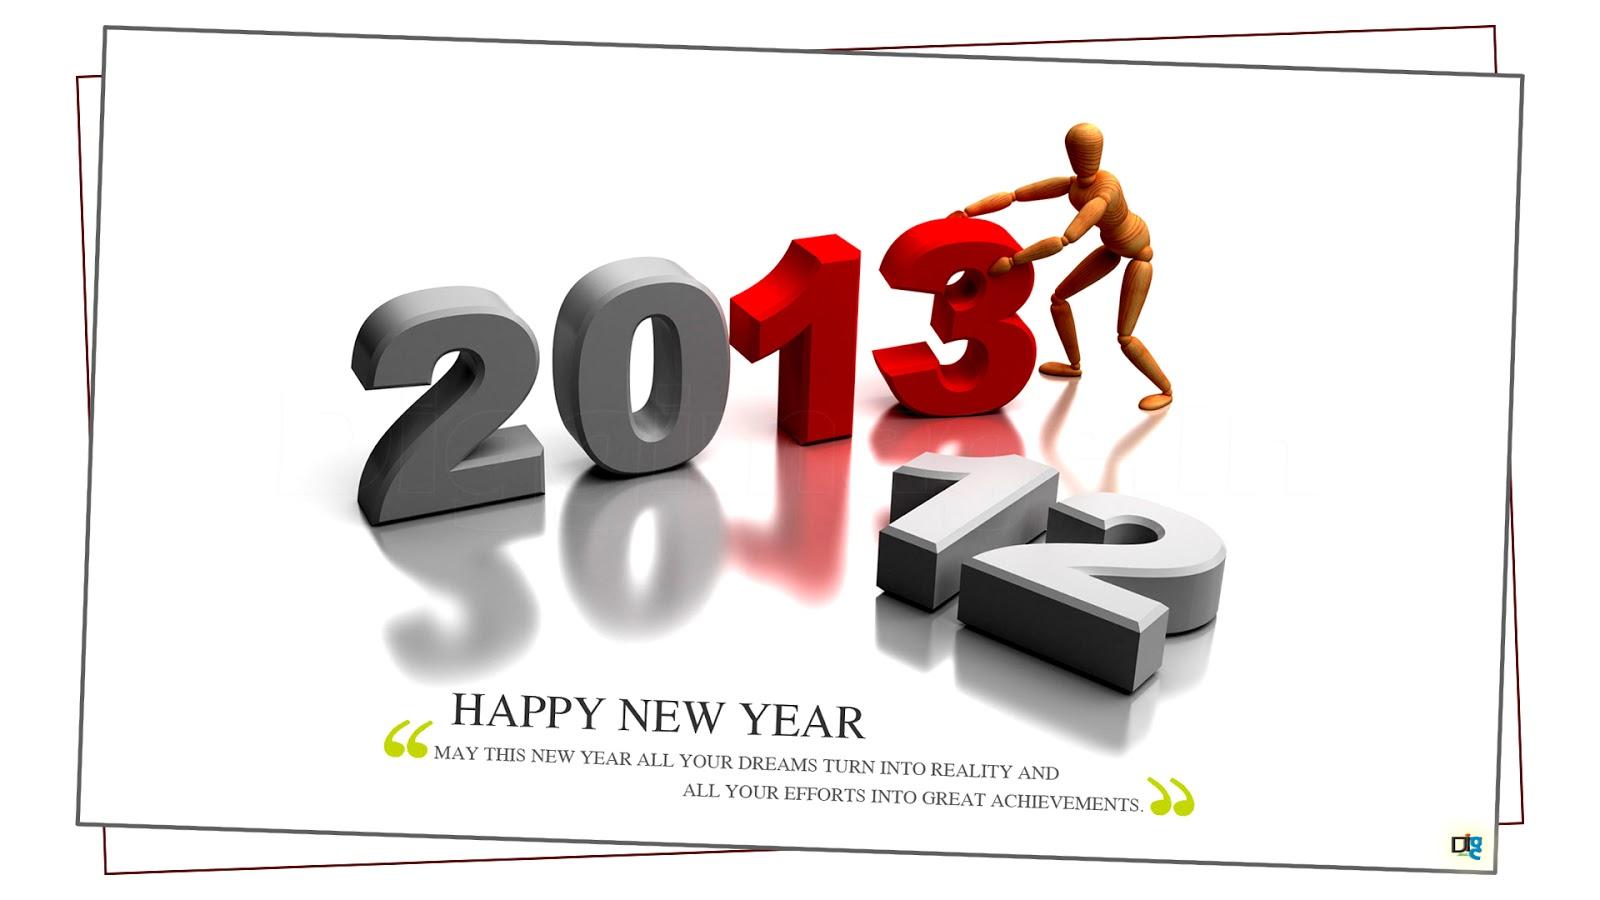 http://2.bp.blogspot.com/-0_XD6SHGoVg/UOCYi0U9aEI/AAAAAAAAeYU/cUCMmsoJgsI/s1600/good-bye-2013-welcome-2013.jpg